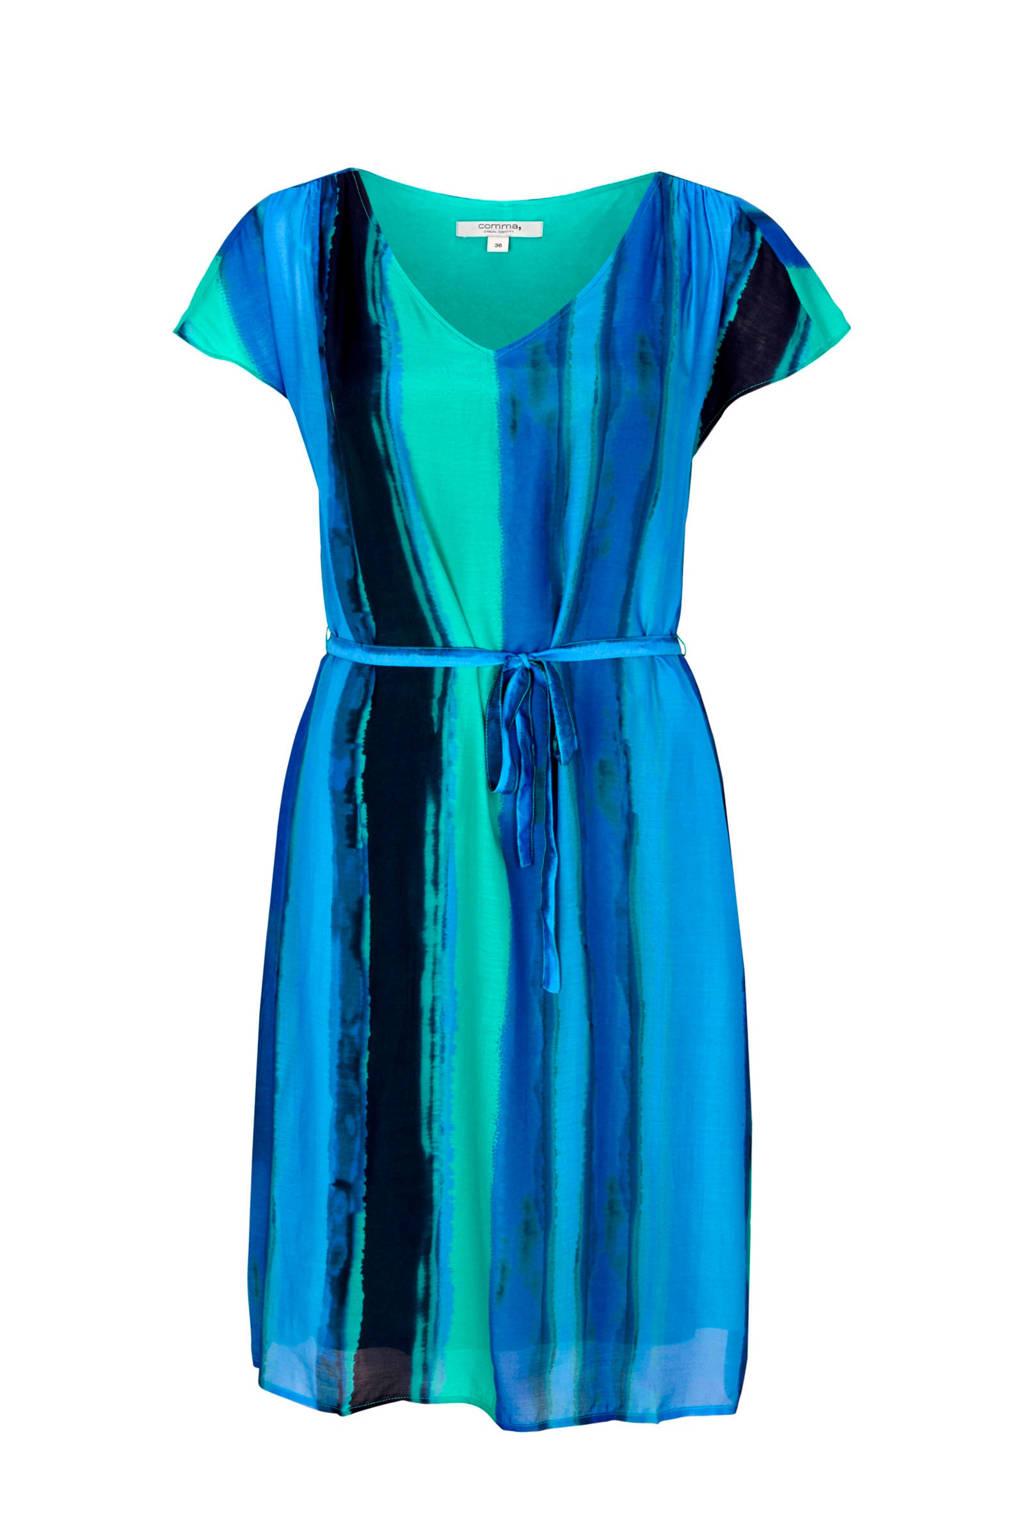 comma casual identity gestreepte jurk met zijde blauwgroen